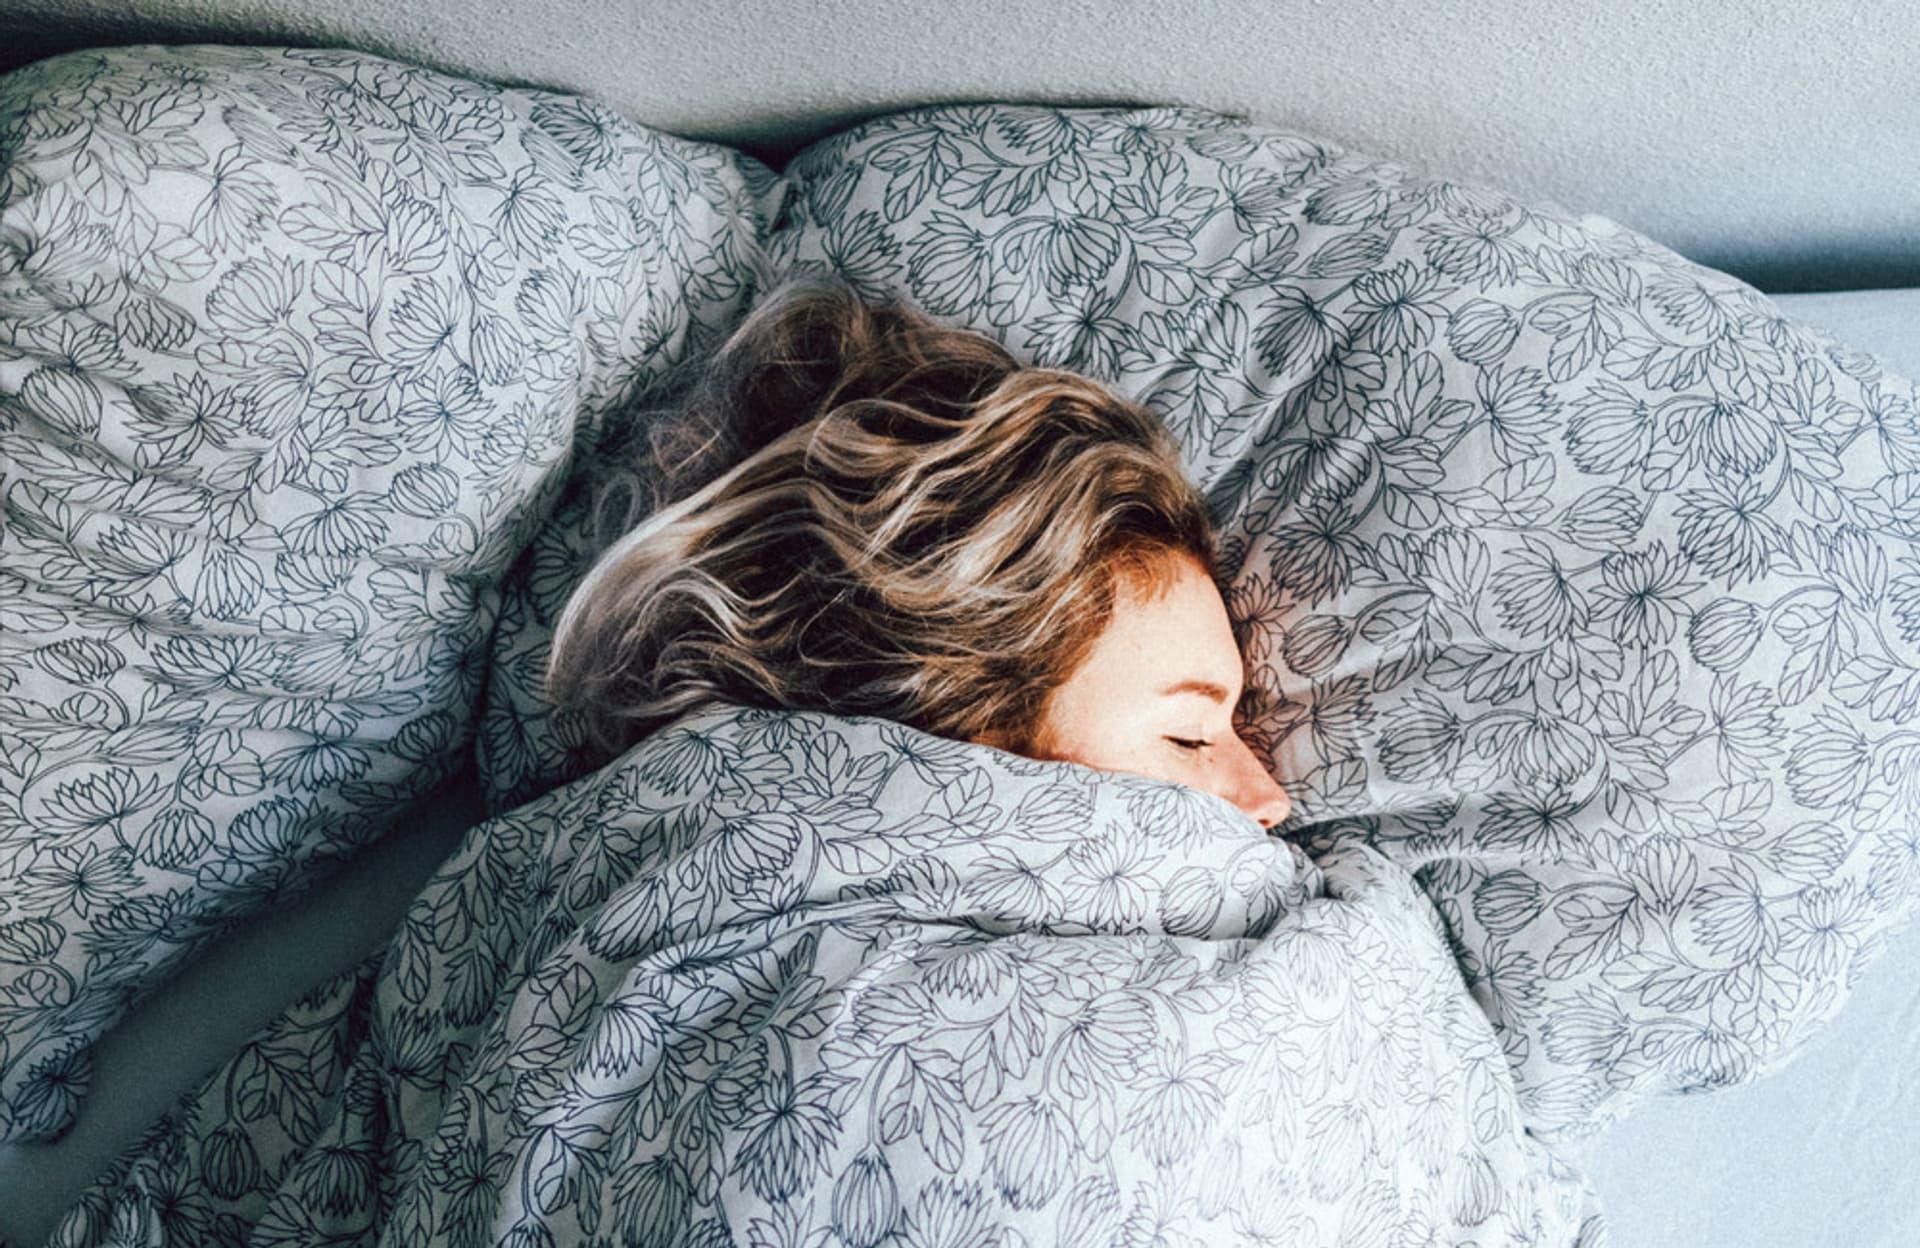 Eine Frau liegt zugedeckt im Bett und schläft.